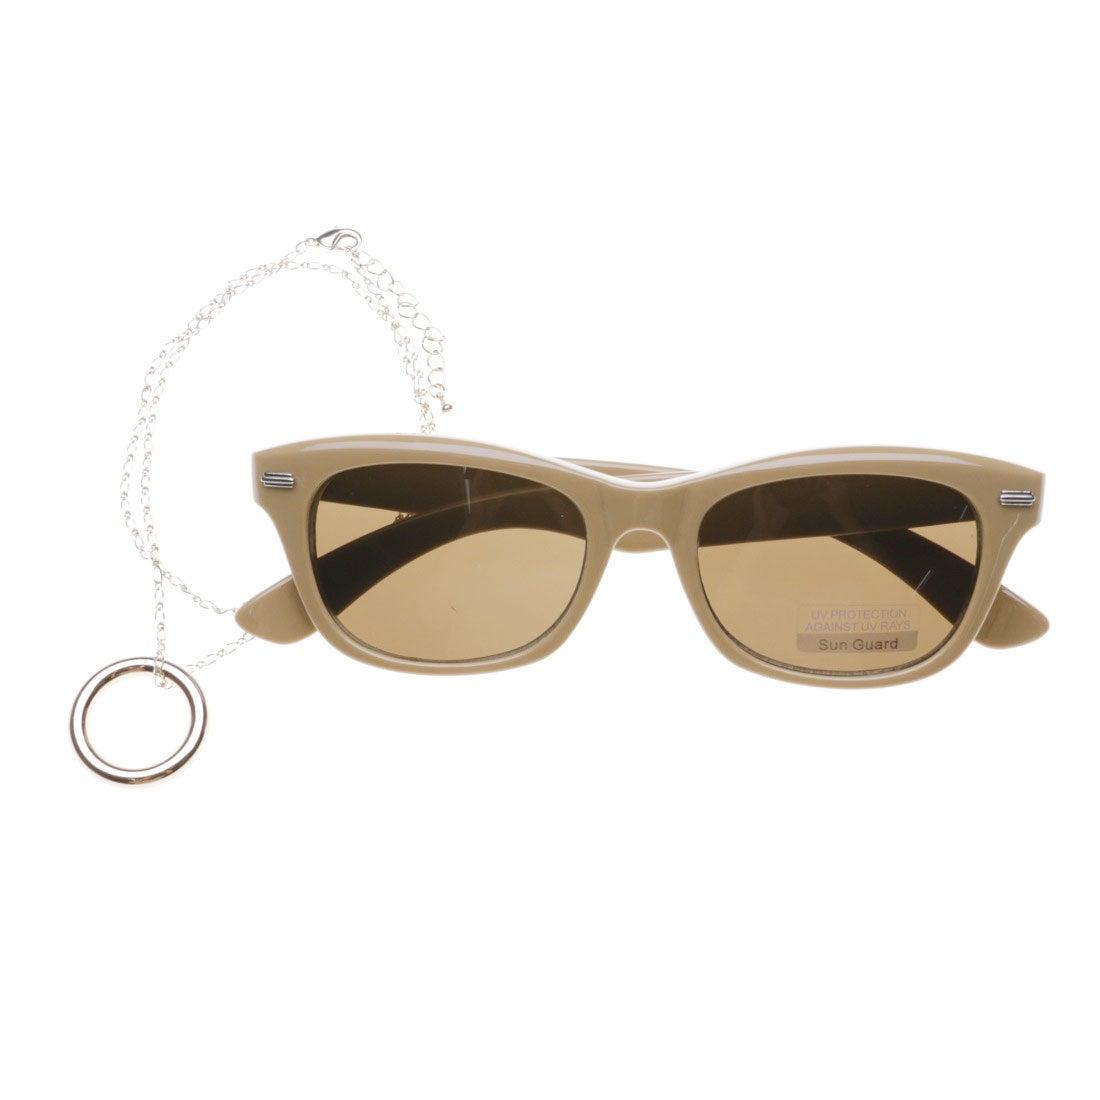 ロコンド 靴とファッションの通販サイトフェリシモサーカスFelissimoCircus毎日の自分をワンランクおしゃれにしてくれるファッション用グラス(ゴールド)